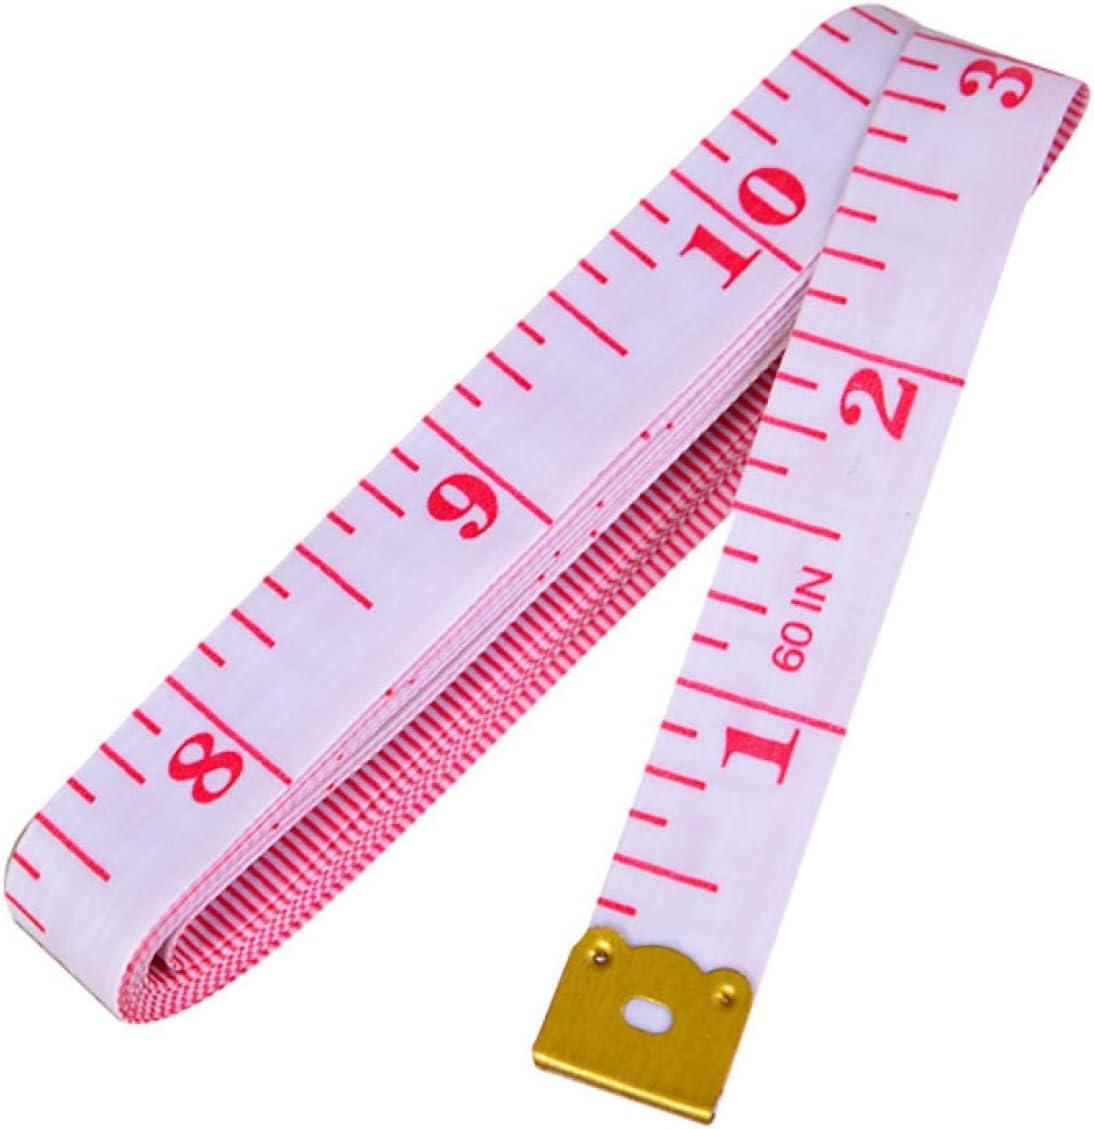 morbido metro da sarto per stoffa 100 cm cucito in vita righello su entrambi i lati sfondo bianco e personaggi rosa circonferenza della testa reggiseno